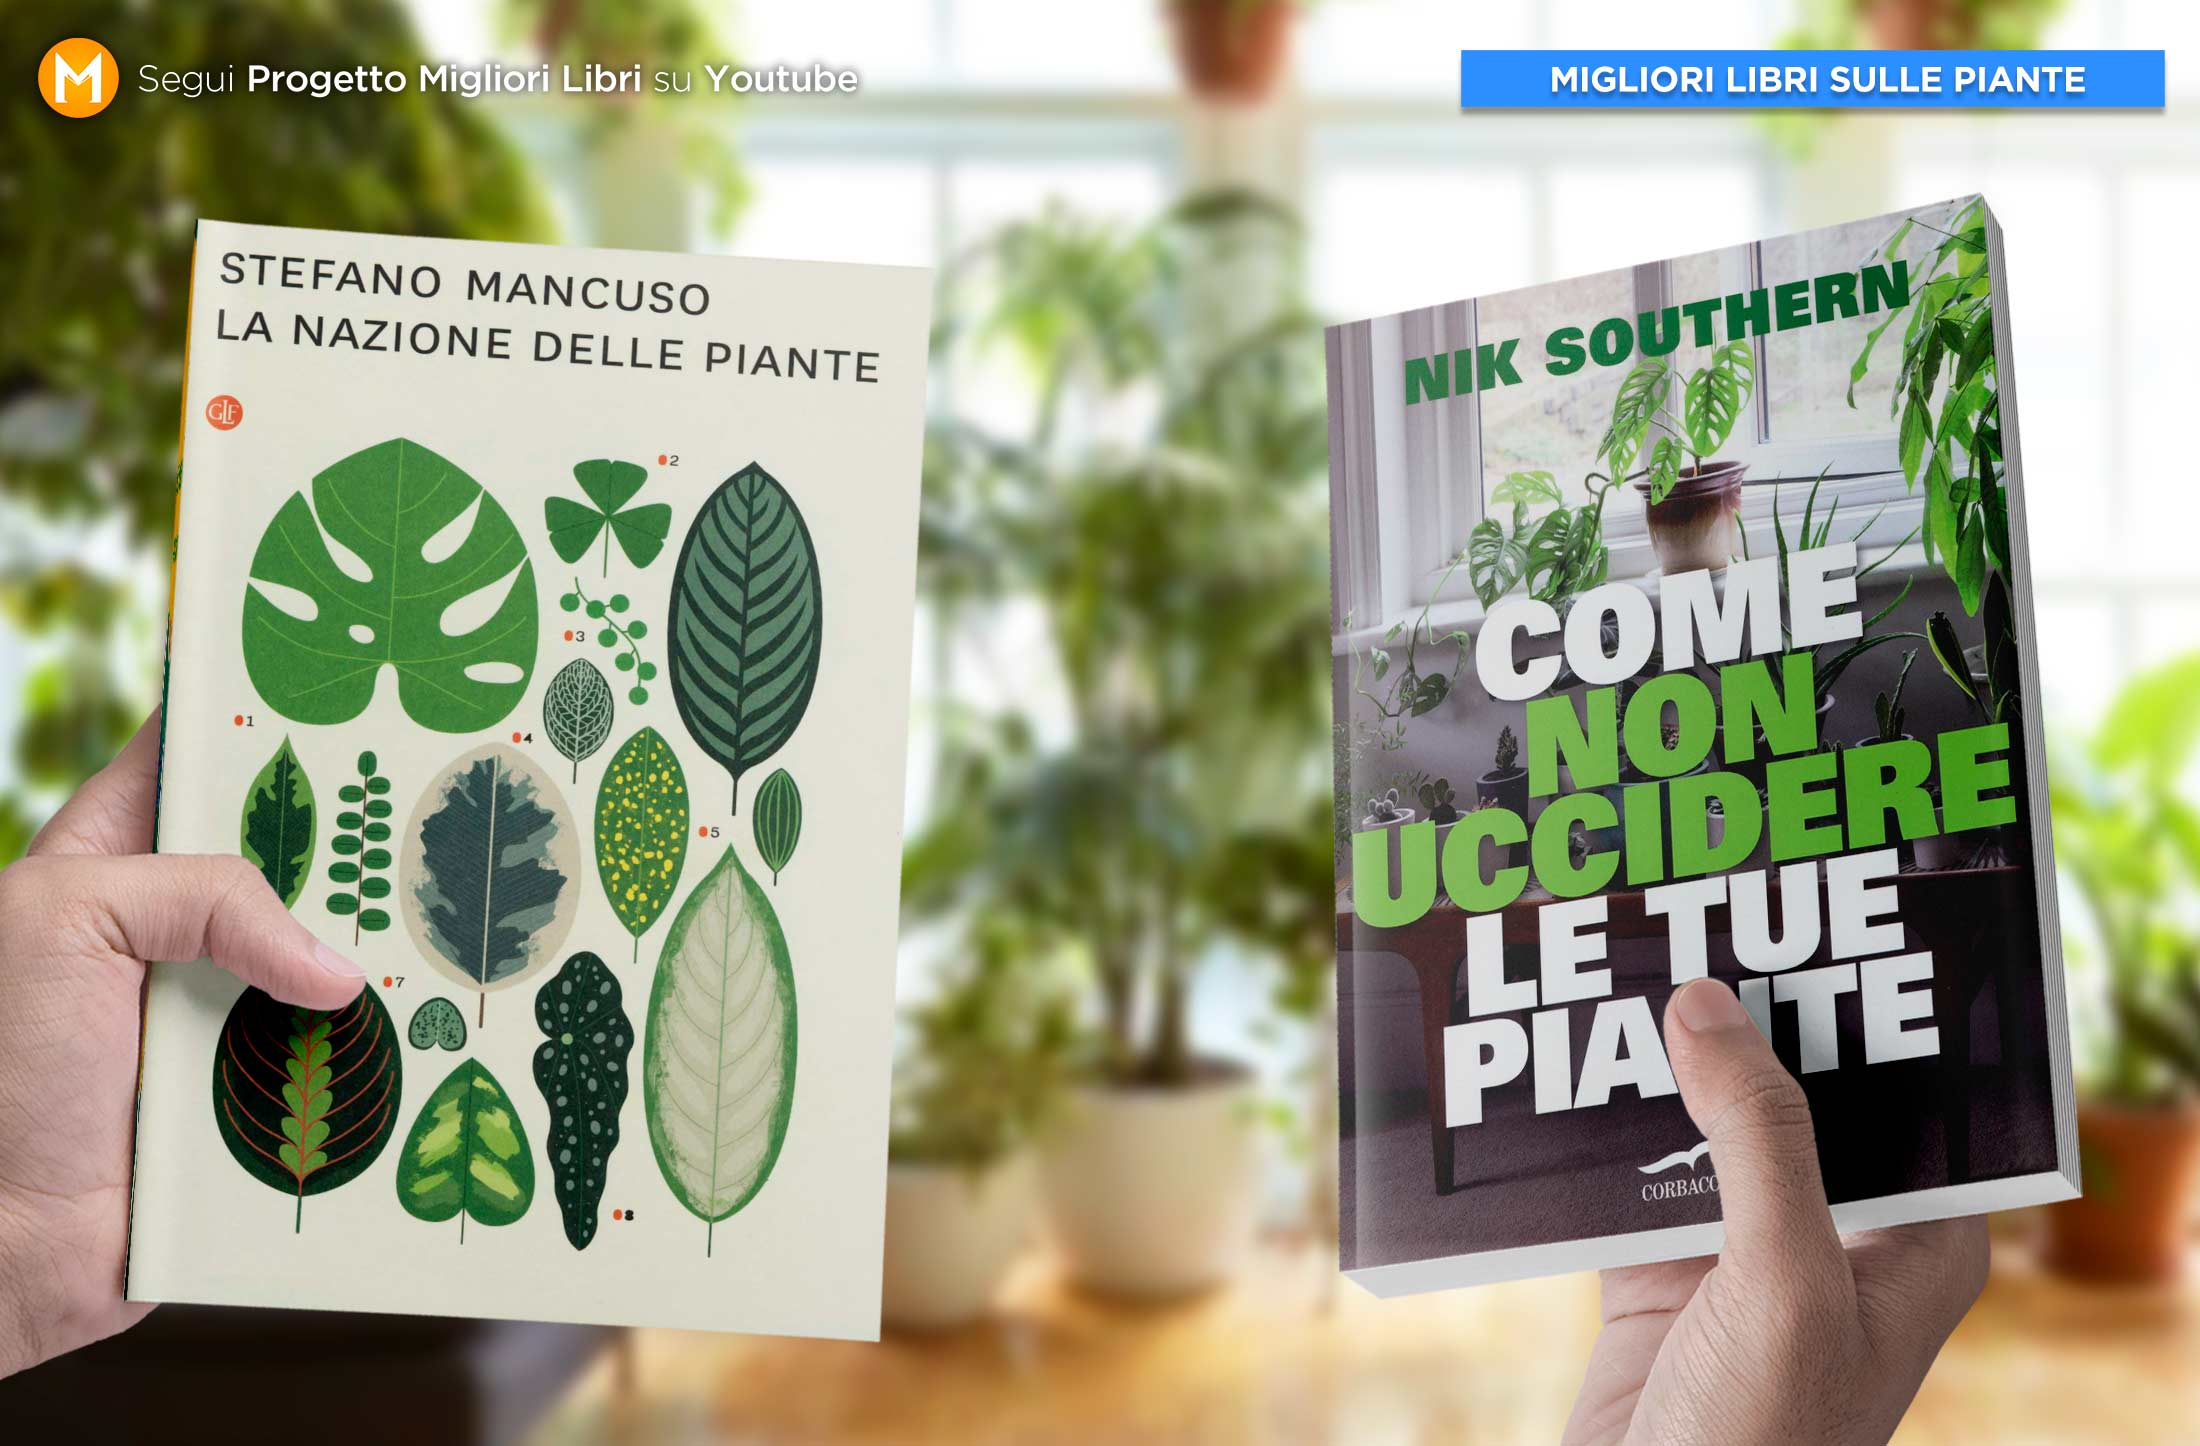 migliori-libri-sulle-piante